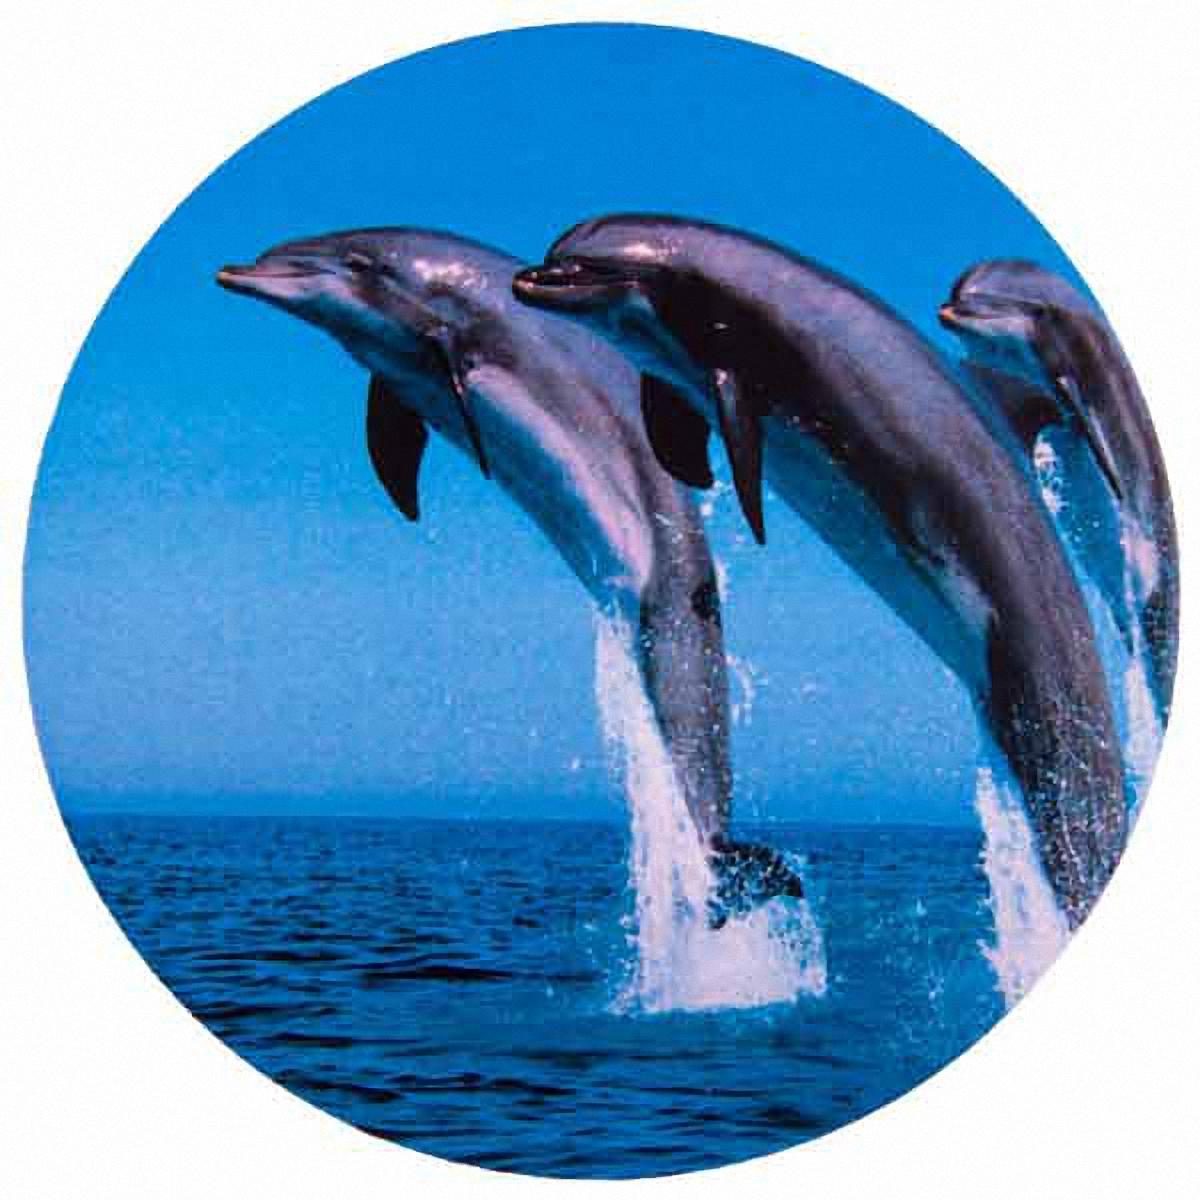 Чехол на запасное колесо Skyway Дельфины, диаметр 67 смВетерок 2ГФЧехол Skyway Дельфины обеспечивает защиту запасного колеса автомобиля от загрязнений, прямых солнечных лучей, воздействия воды, посторонних предметов, агрессивных сред и других негативных факторов. Чехол изготовлен из прочной экокожи, которая легко моется и надолго сохраняет внешний вид. Чехол оформлен оригинальным изображением дельфинов и снабжен резинкой для легкого надевания. Благодаря чехлу, колесо сохранит свой внешний вид и характеристики. Размер колеса: R15.Диаметр чехла: 67 см.